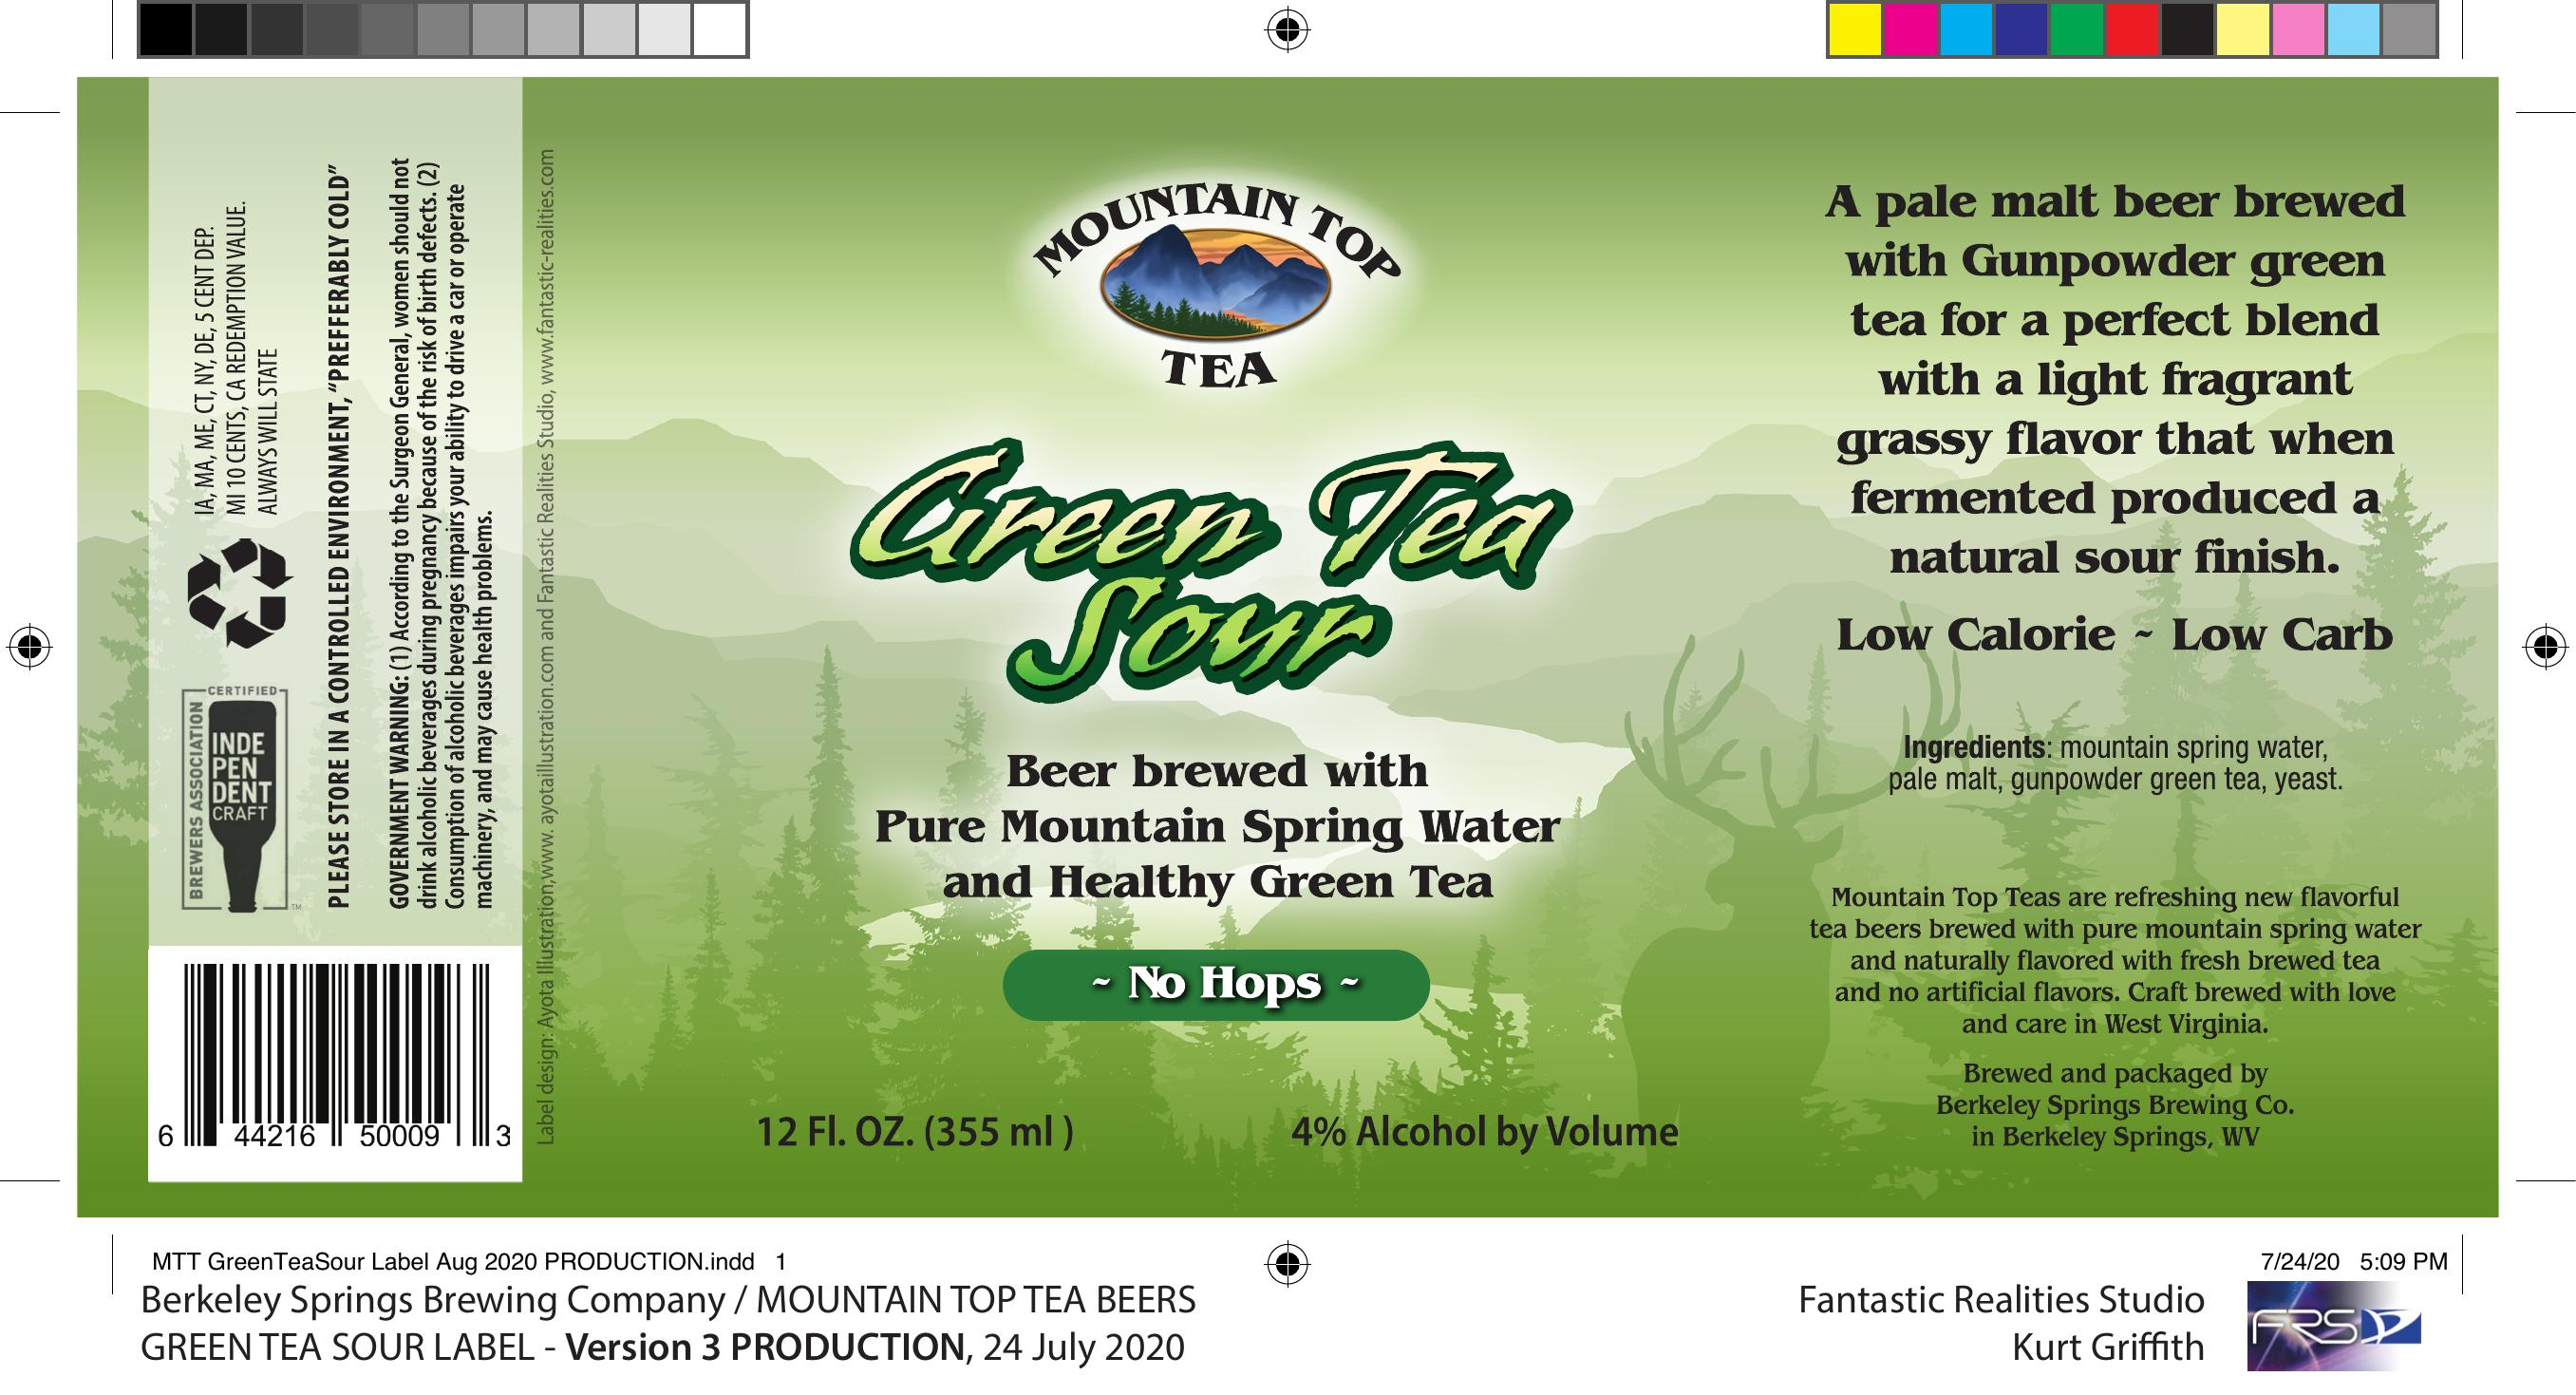 MTT GreenTeaSour Label Aug 2020 PRESS (1